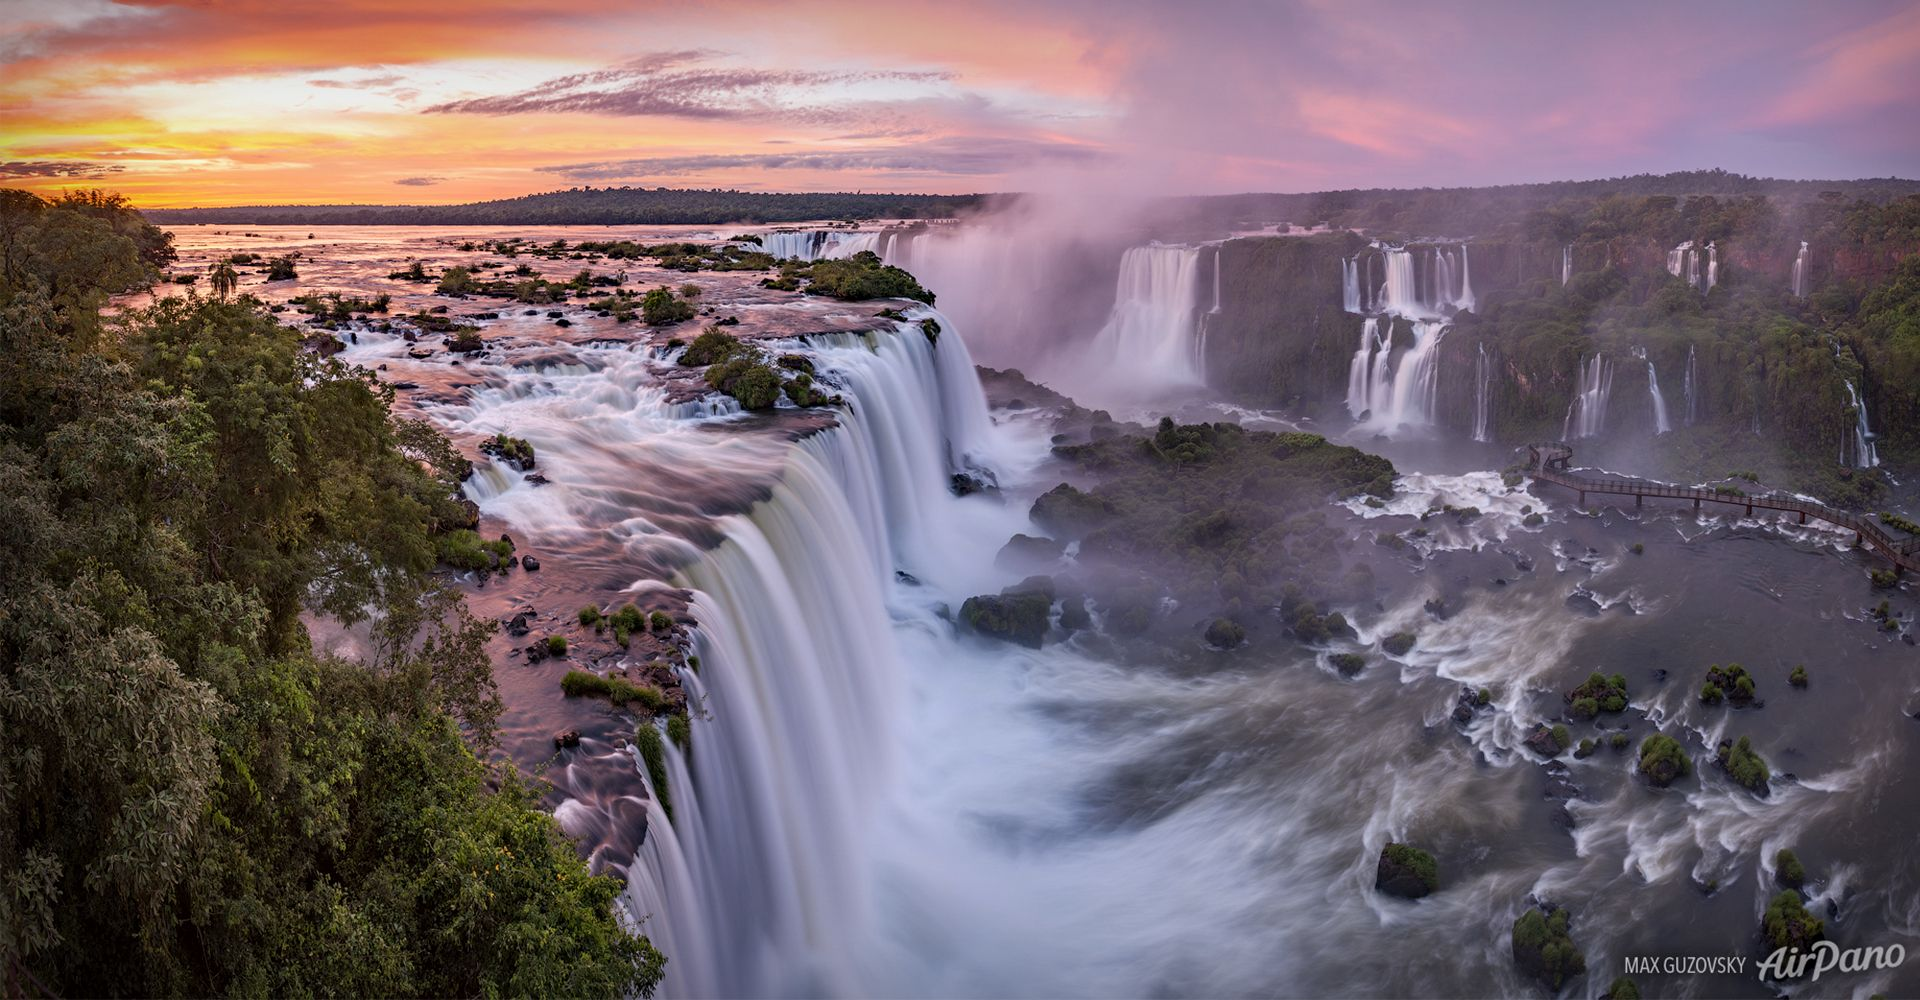 Tourism In The Iguazu Falls